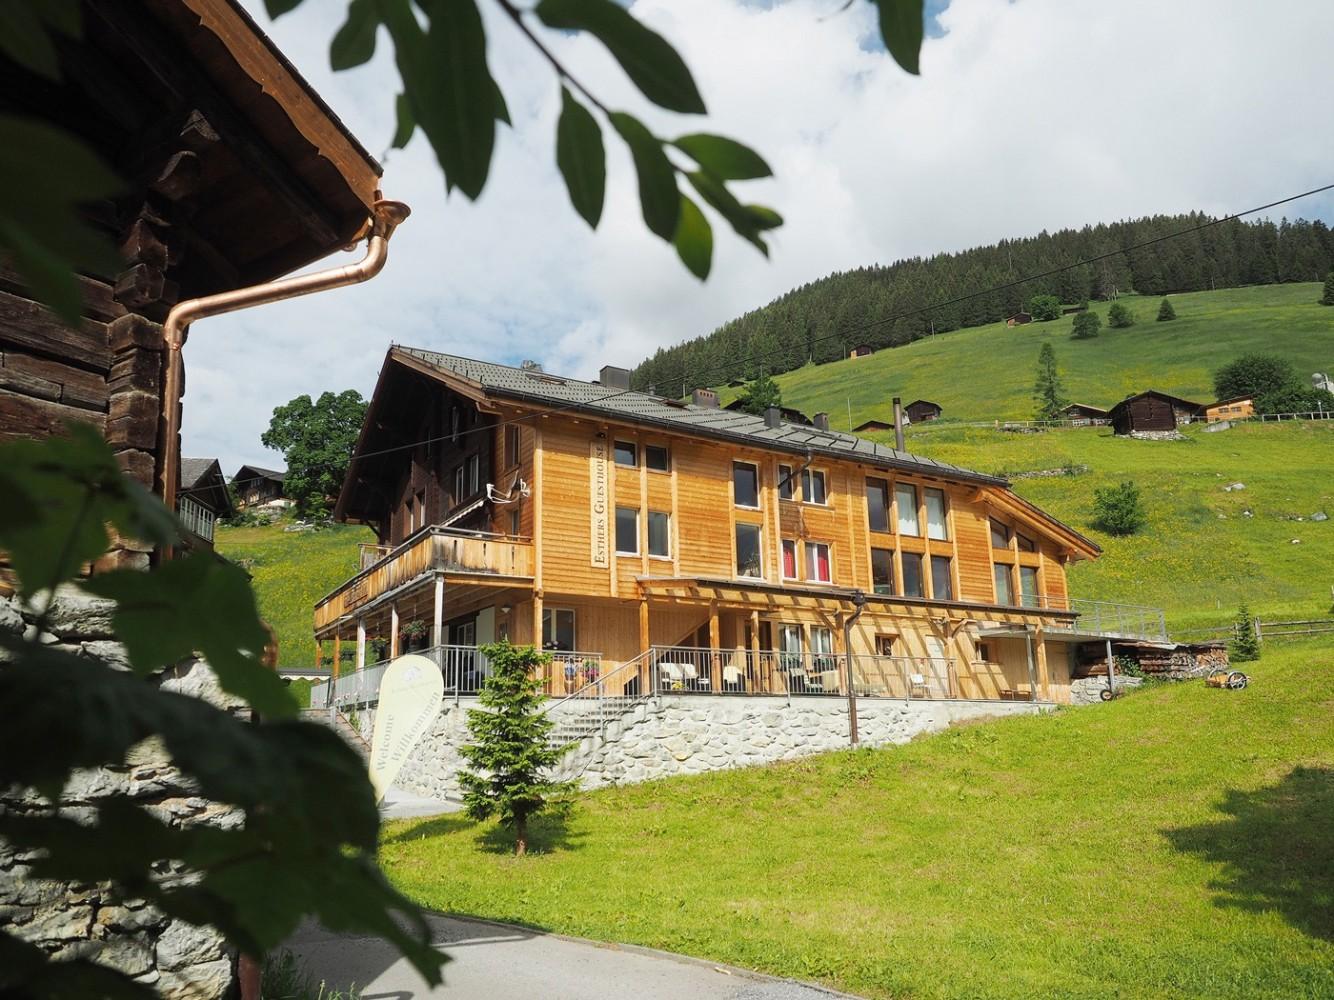 najlepsza obsługa zegarek nowe wydanie Esther's Guesthouse Gimmelwald - Gimmelwald, Switzerland ...